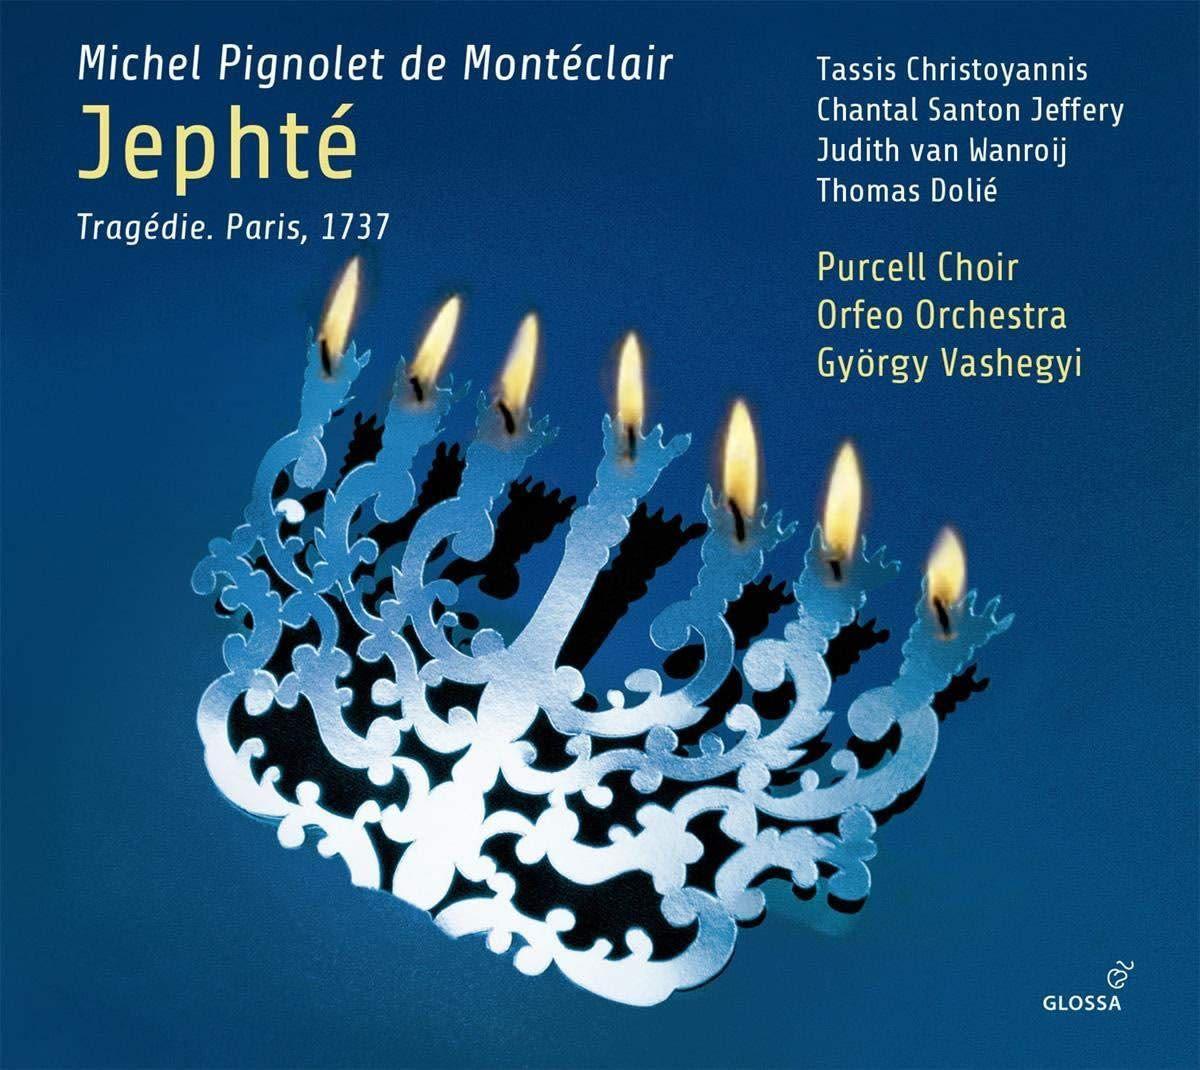 Photo No.1 of Michel Pignolet de Monteclair: Jephte